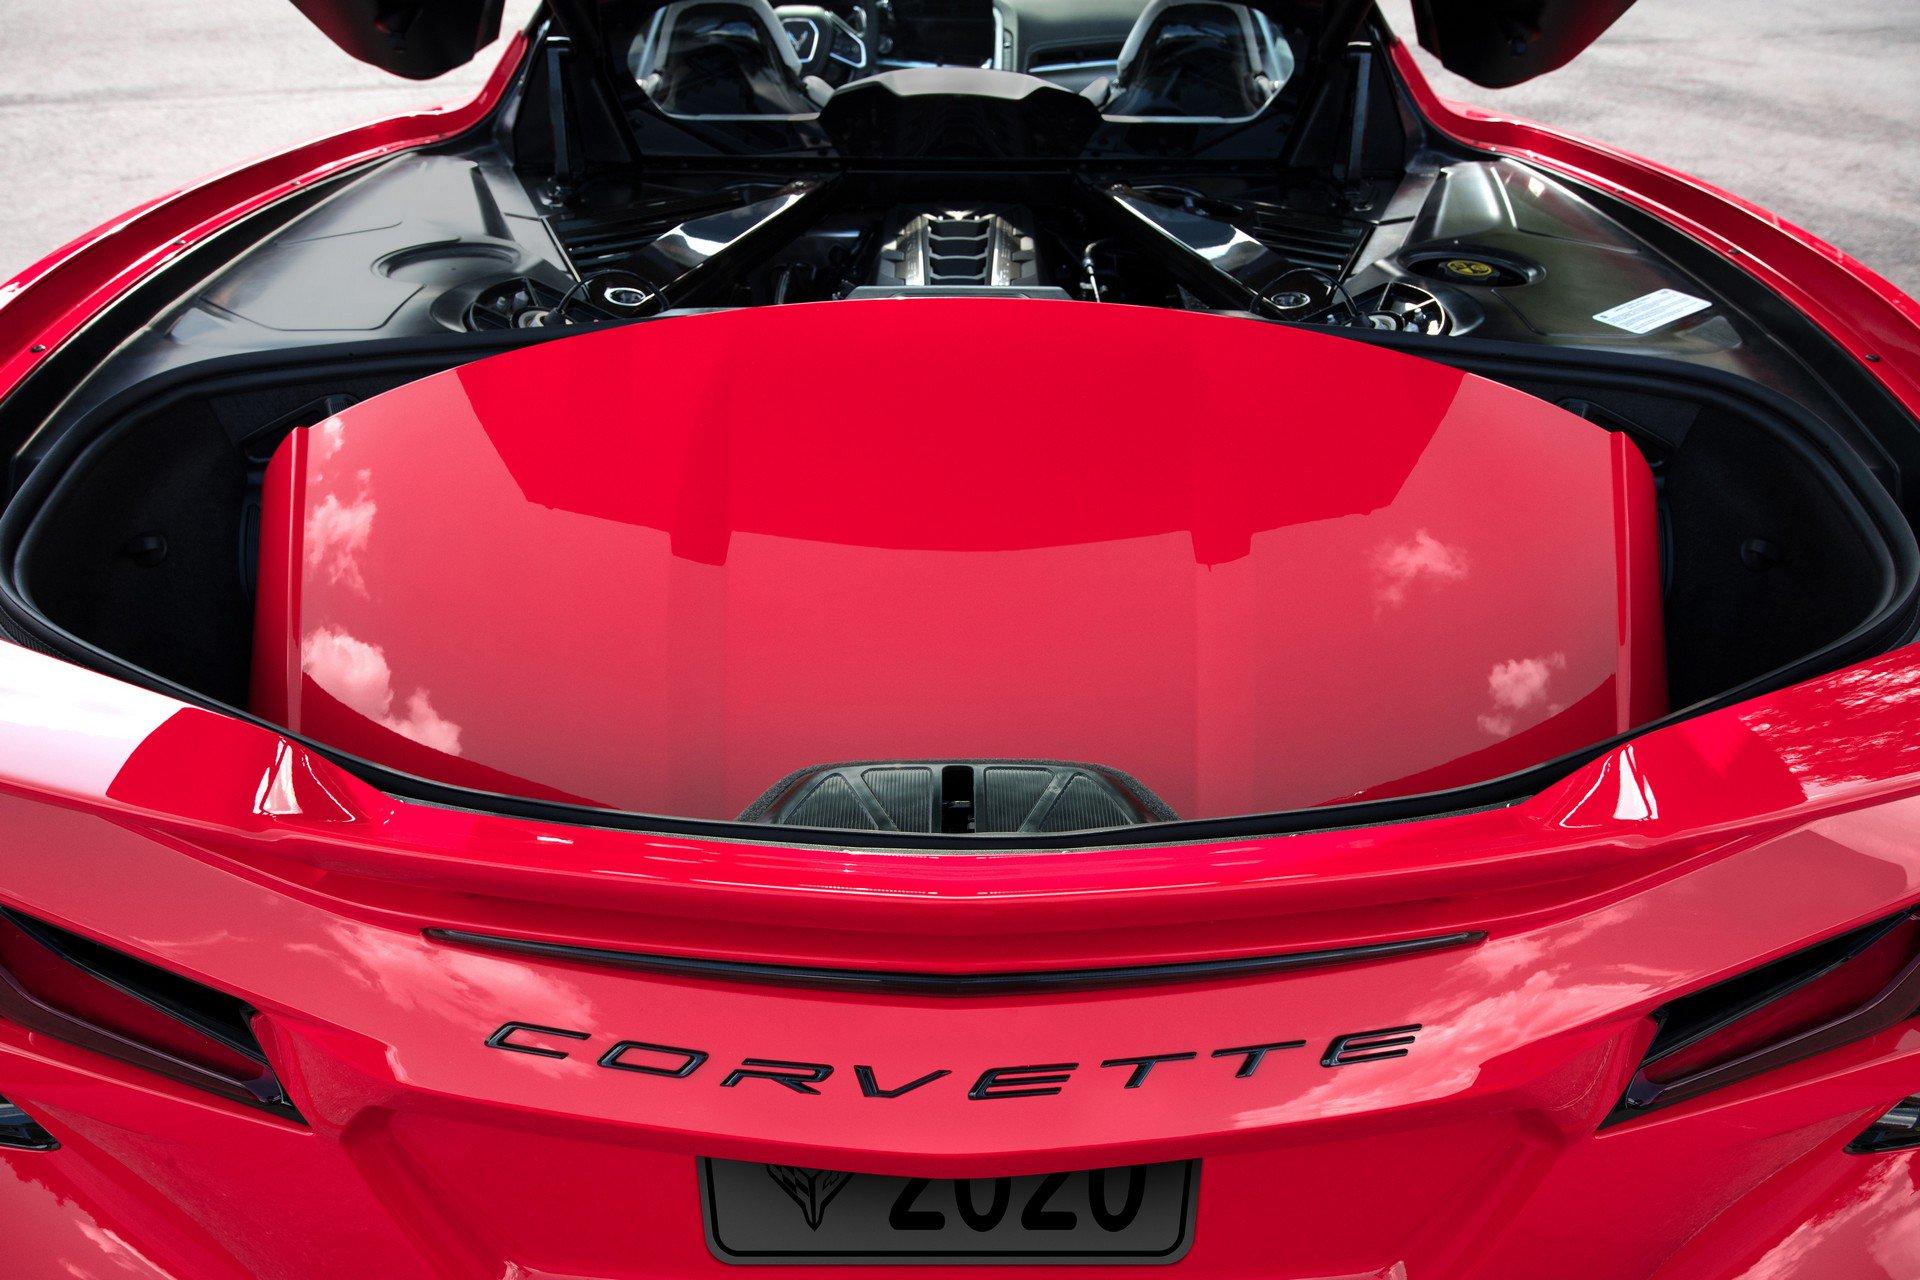 Chevrolet ra mắt Corvette C8 thế hệ mới thiết kế táo bạo, động cơ đặt giữa - 5